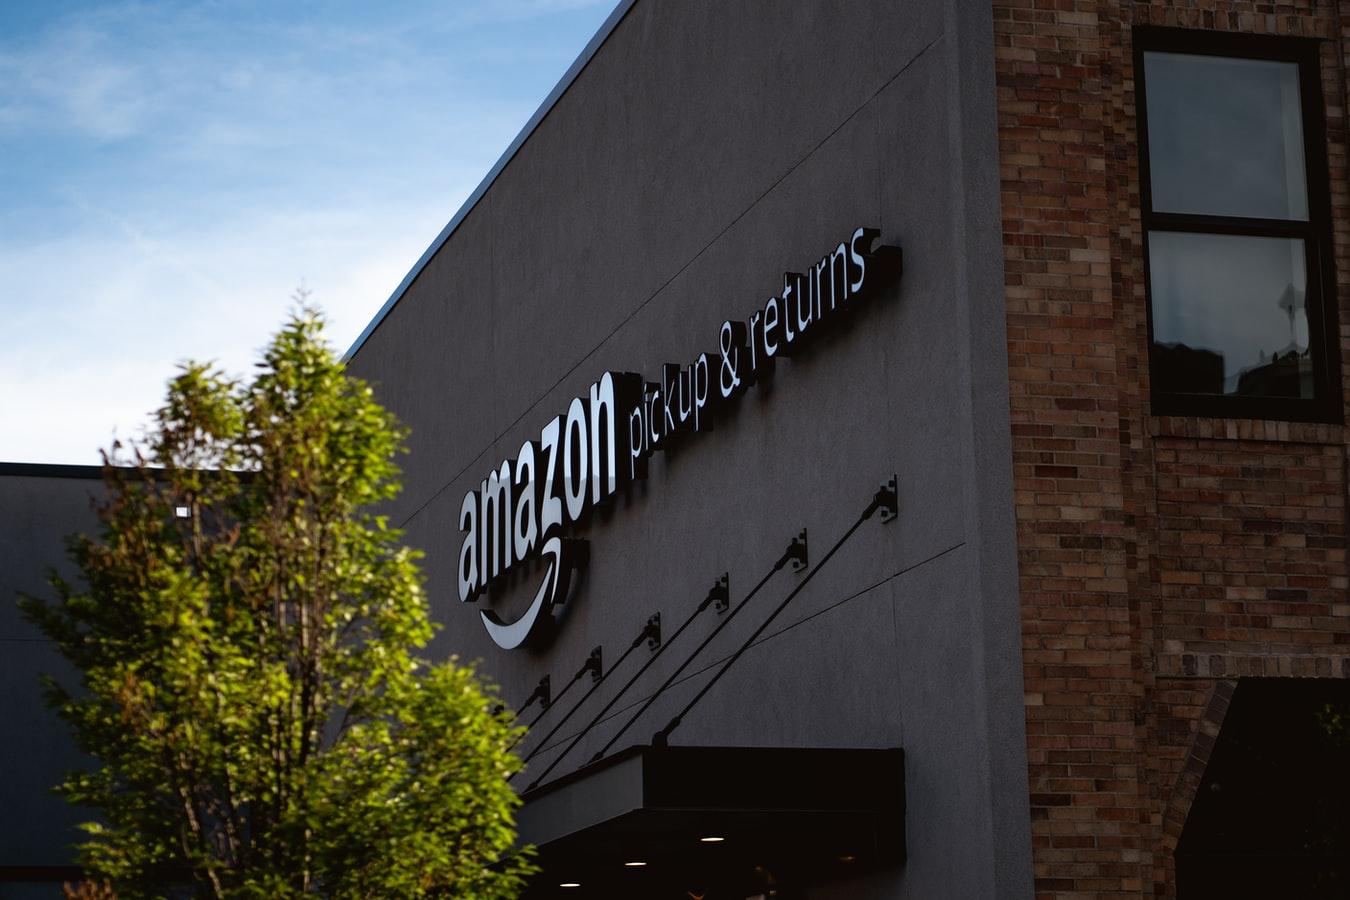 Amazon: 44 miliardi di ricavi e zero tasse. La colpa è delle leggi europee antiquate. Ma anche nostra